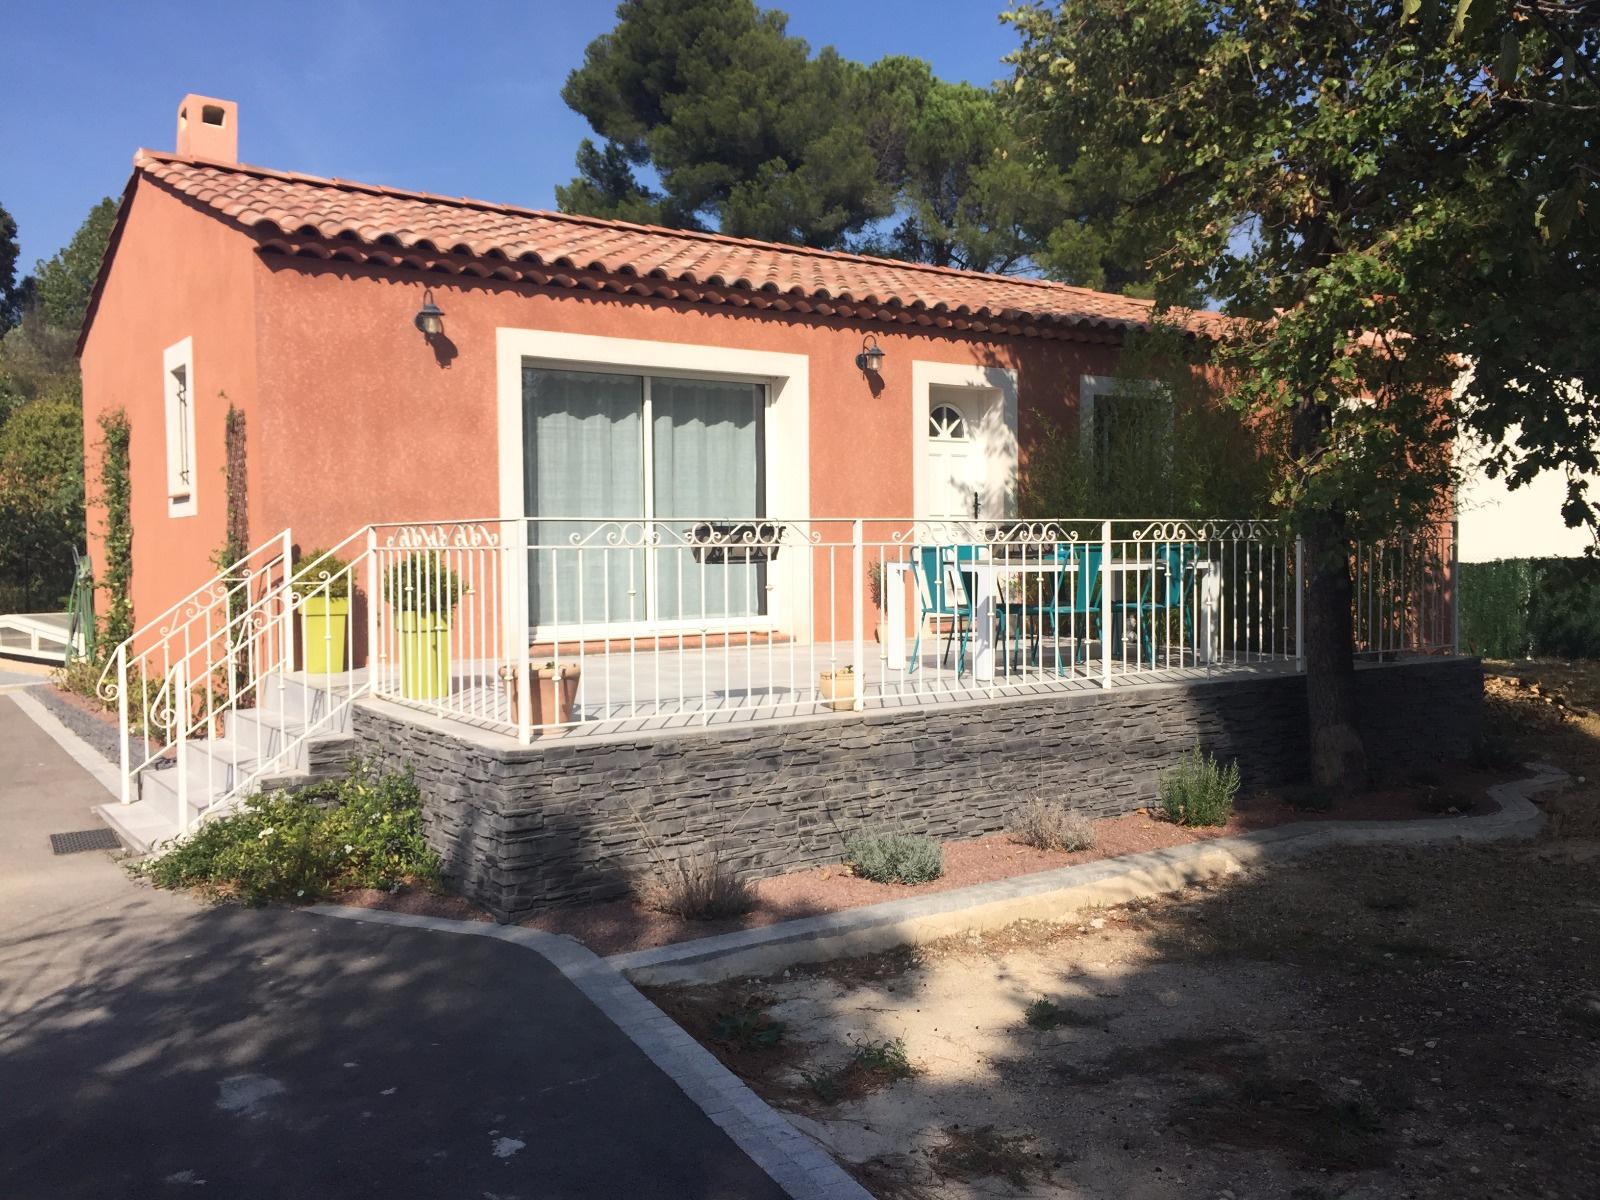 Vente belle maison t4 de plain pied avec piscine Prix piscine 4x6